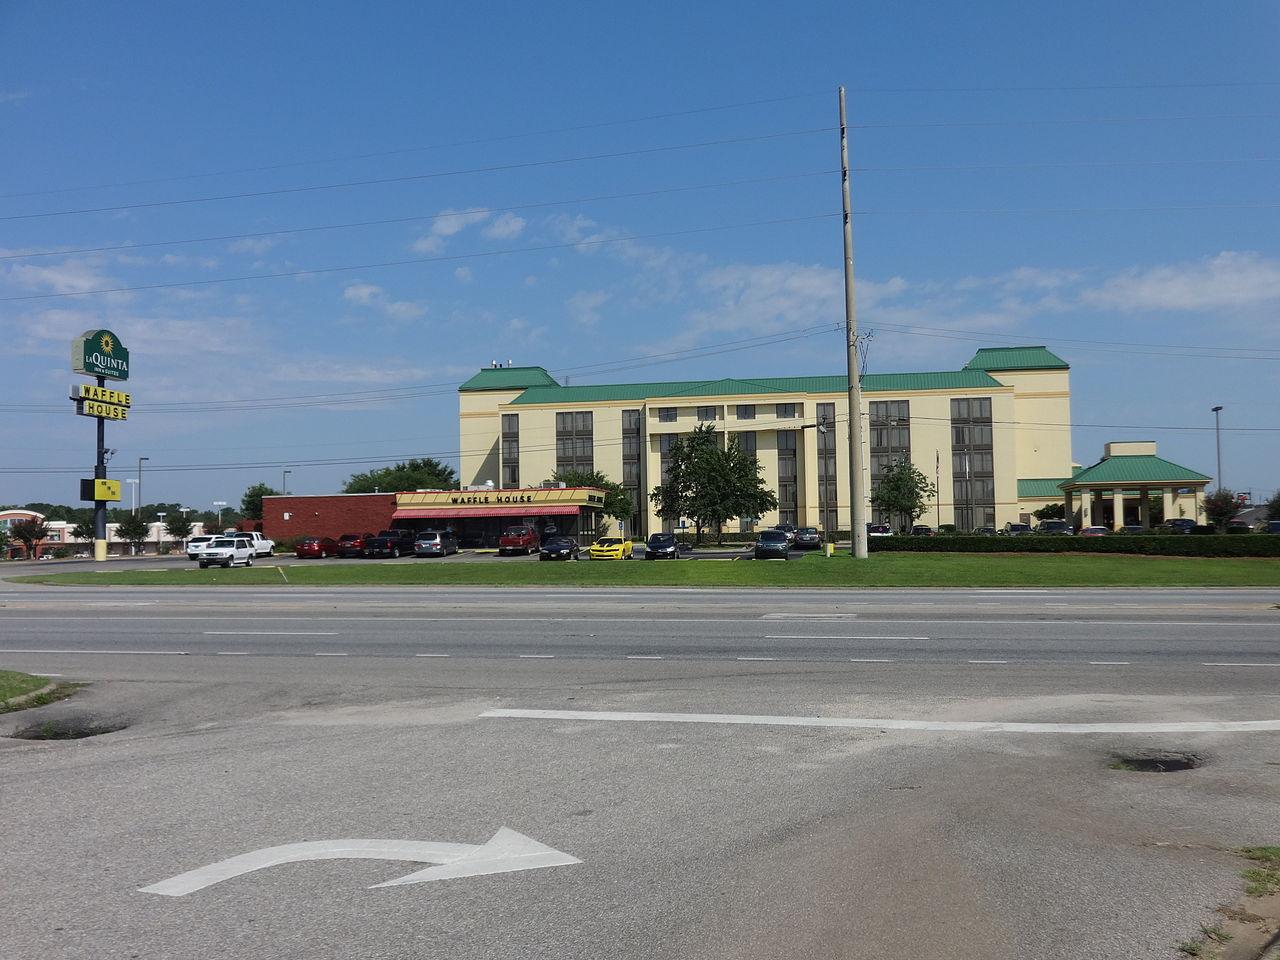 La Quinta Inn West Palm Beach West Palm Beach Fl